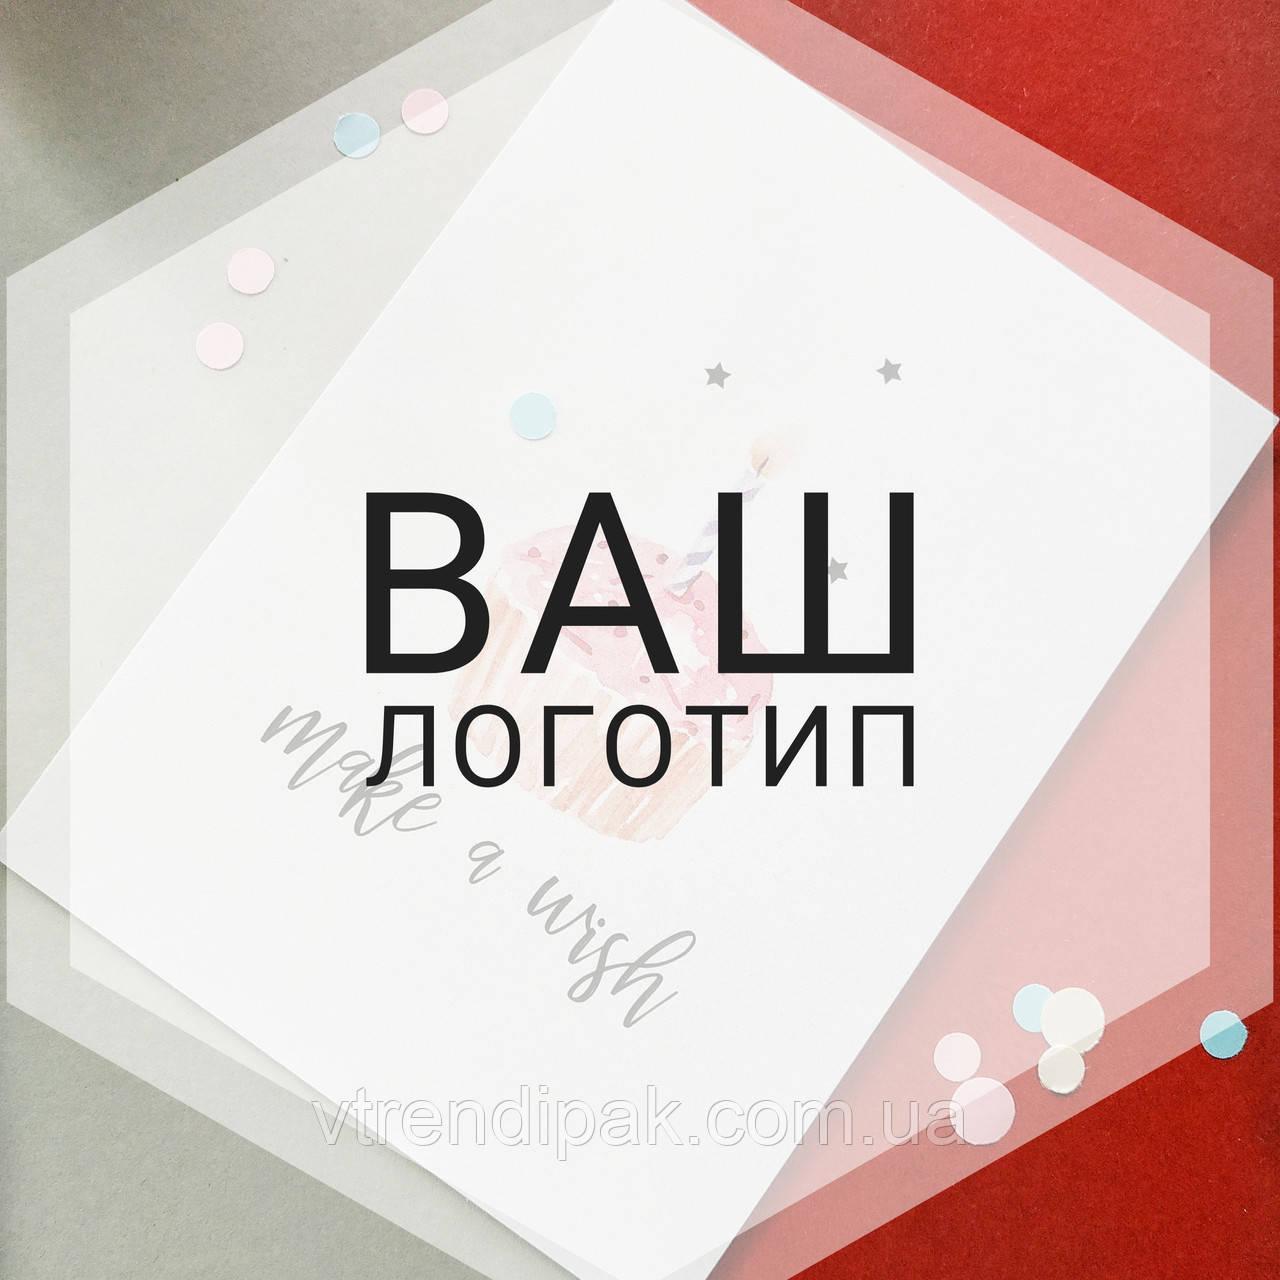 Наклейка з  вашим логотипом 540шт Фігурна 40мм